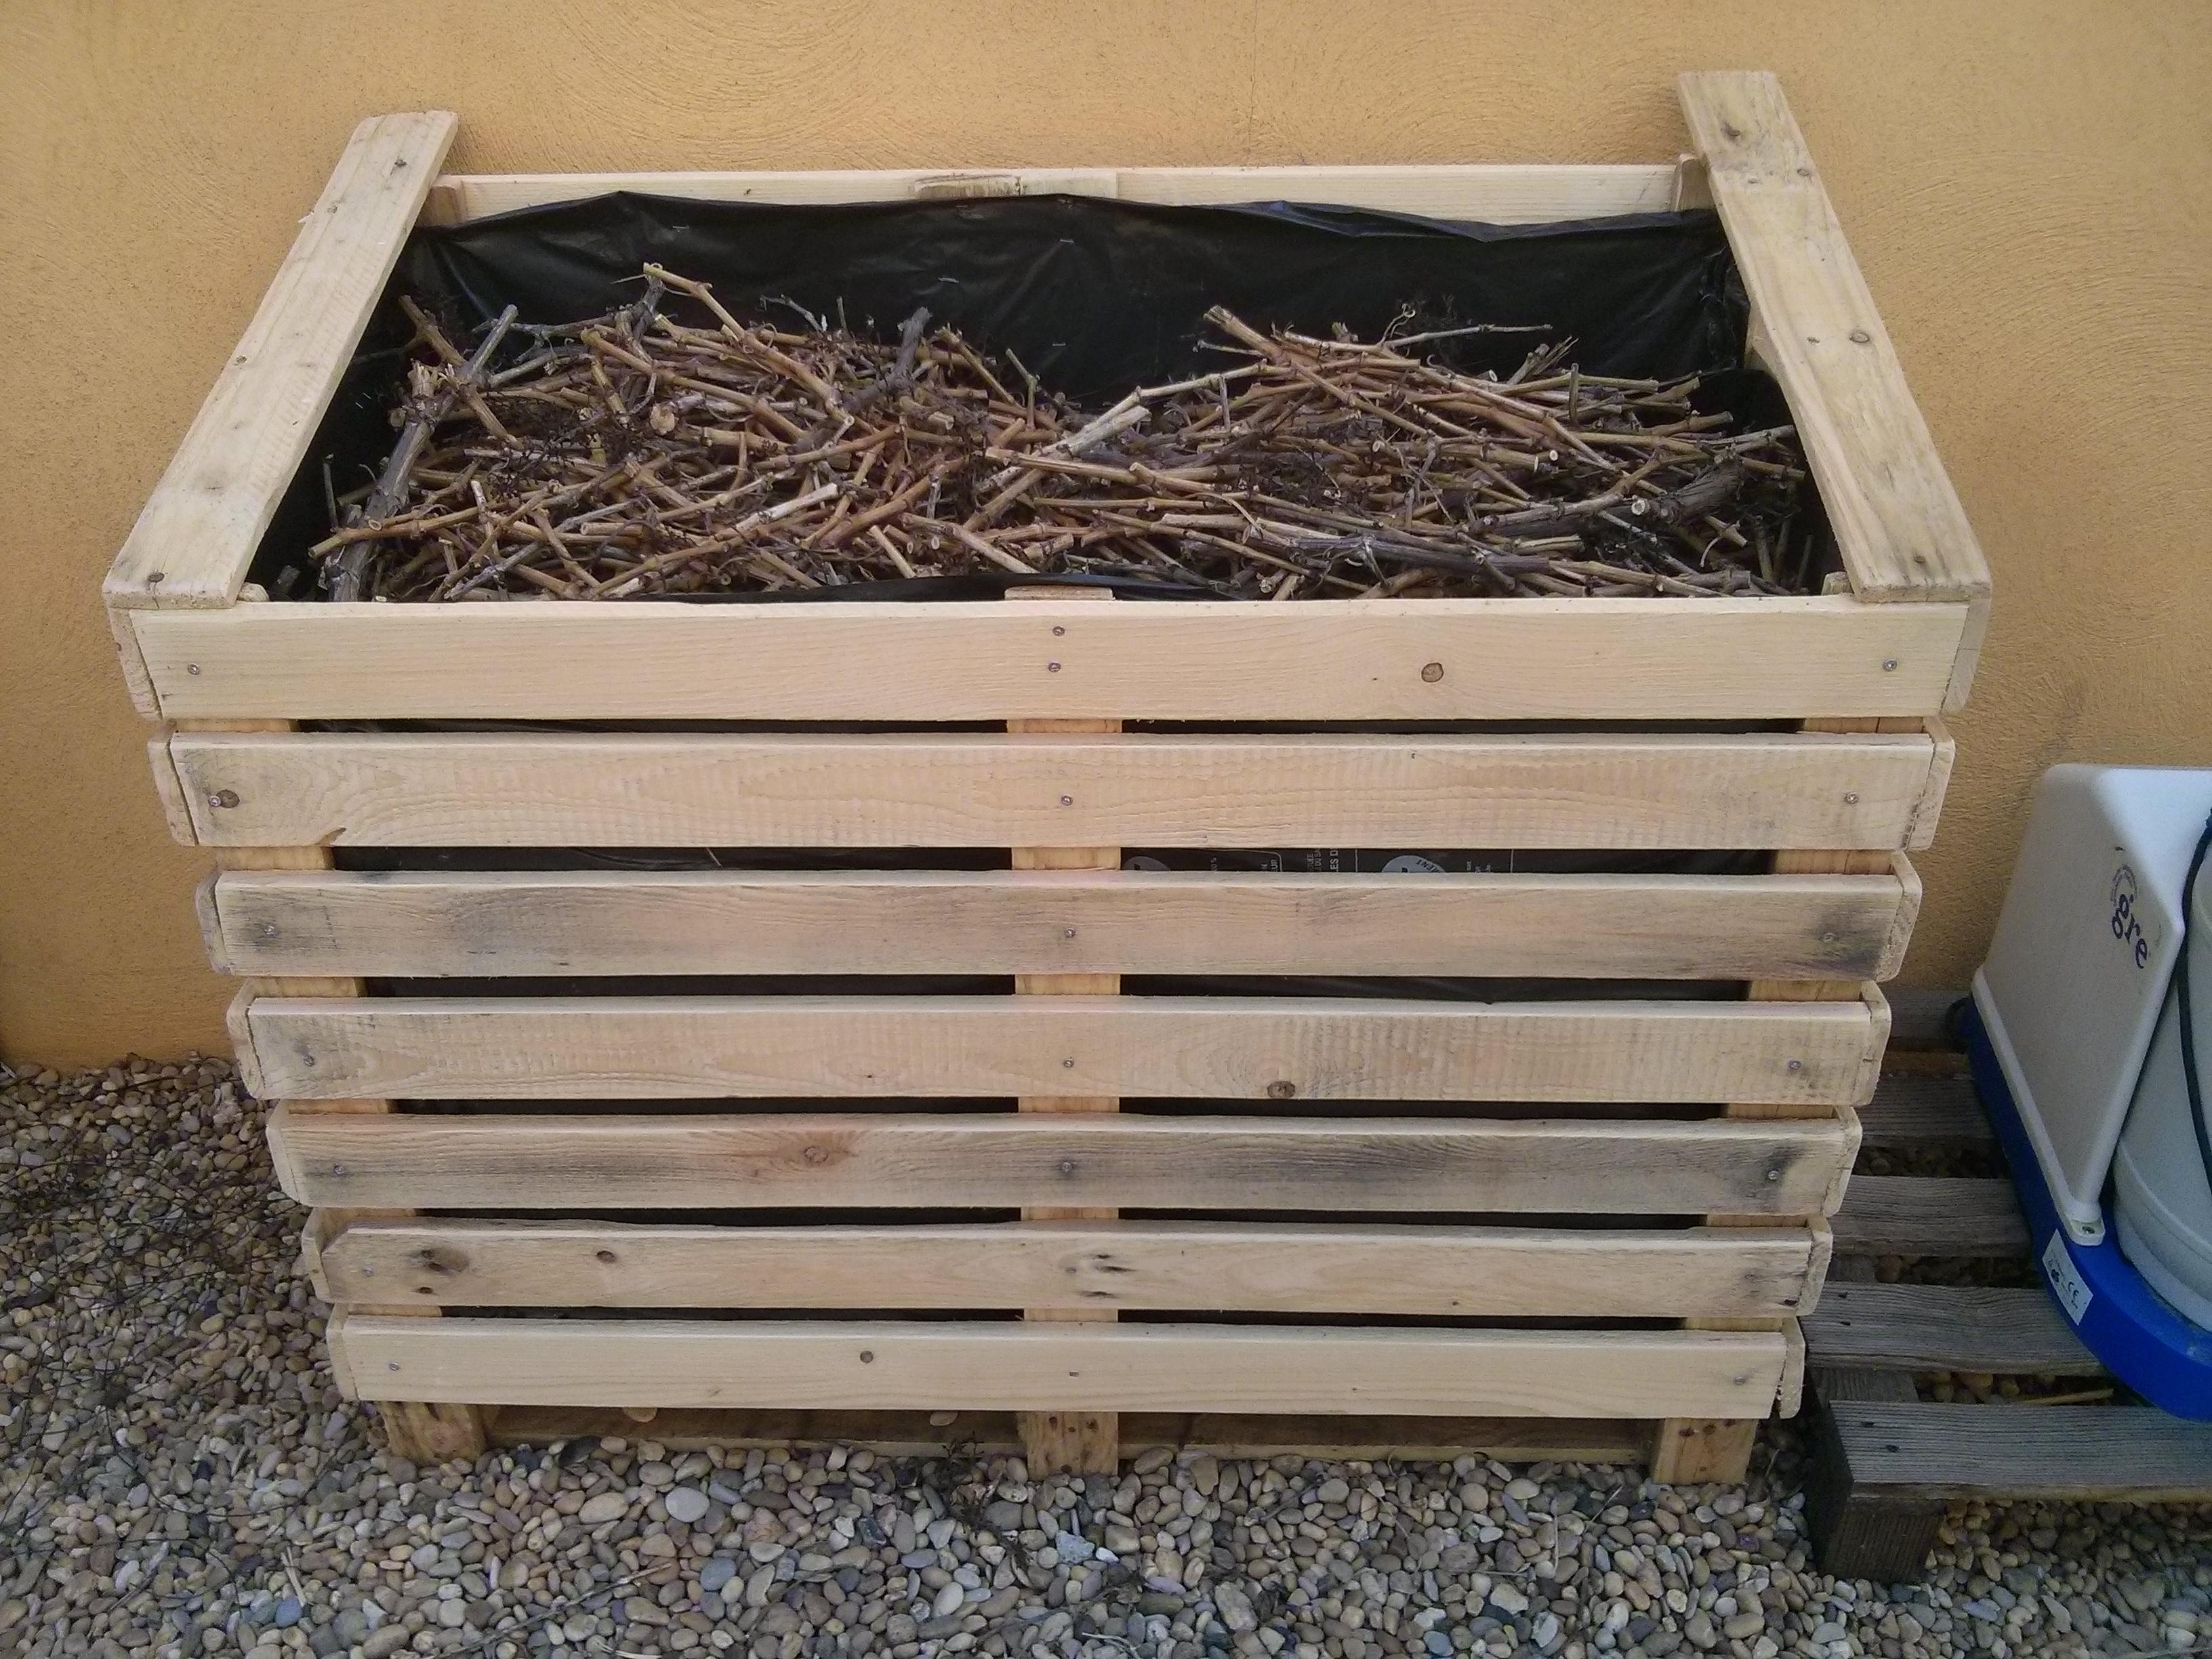 Abri bois rangement ext rieur pour bois de grillade - Rangement buches exterieur ...